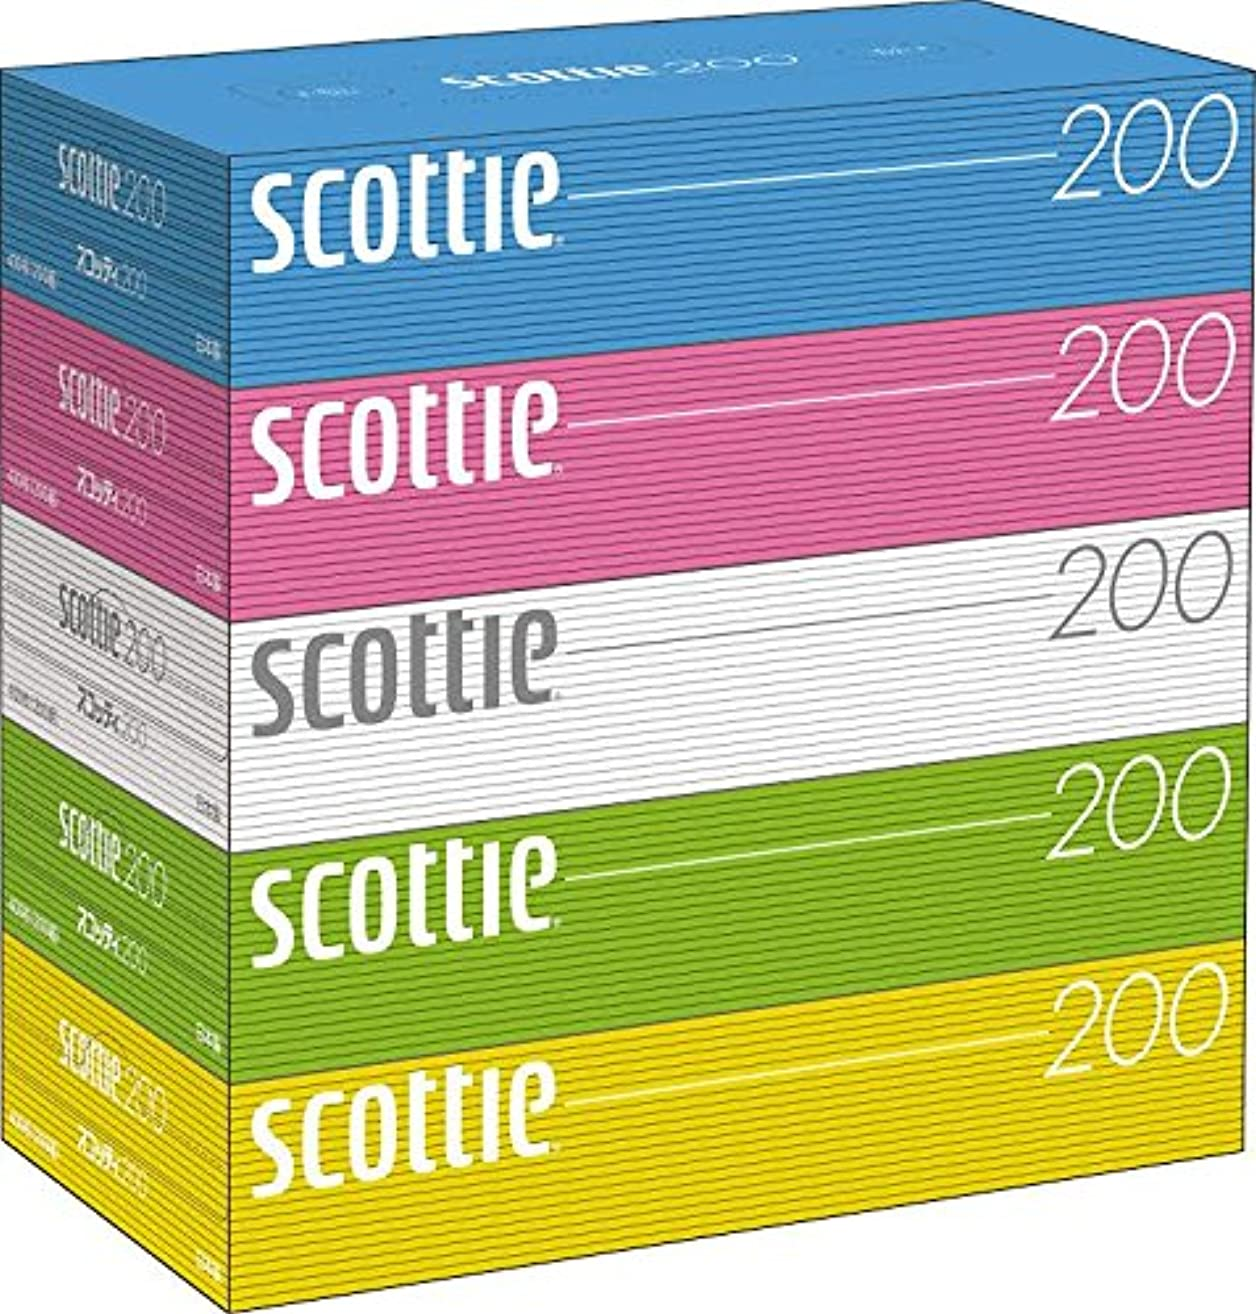 構築するお偶然美しいパステルカラー 大徳用400枚! 新スコッティ パステルデザイン BOXティッシュ 400枚(200組) 5箱入 12セット